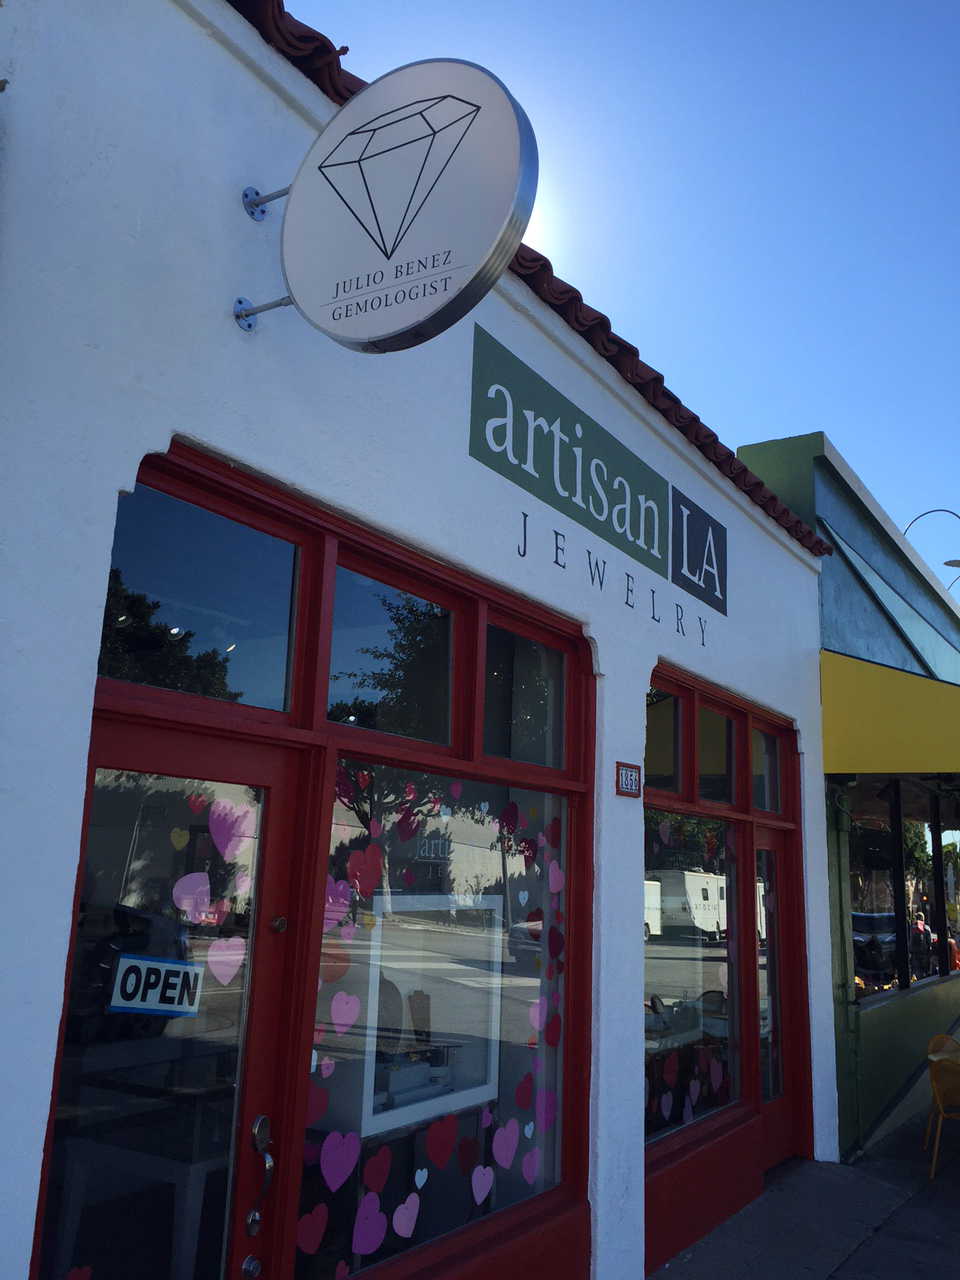 Los Feliz Directory: Businesses, Schools and Organizations - Parkbench